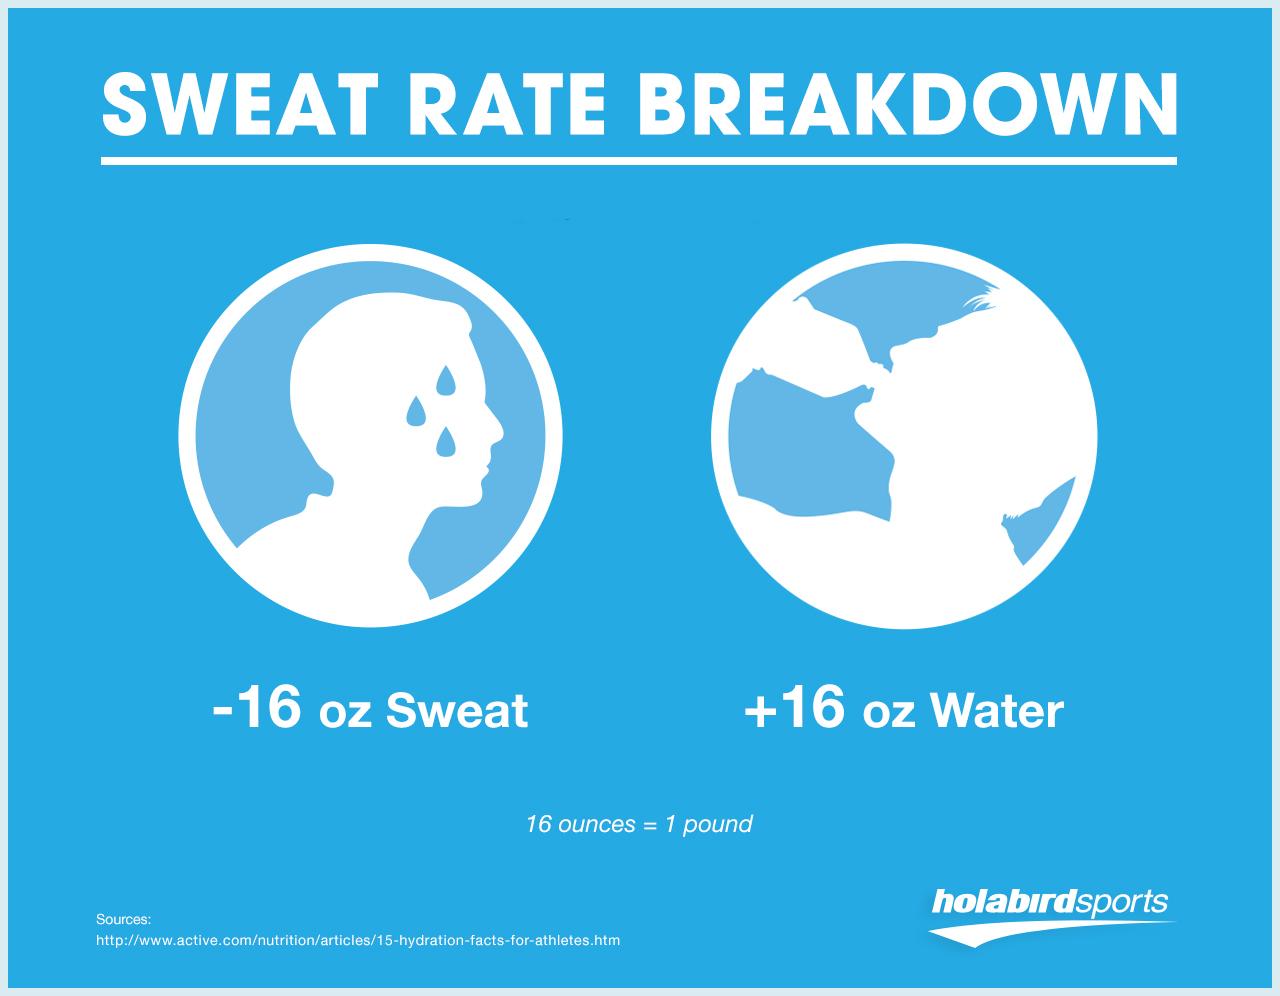 Sweat rate breakdown